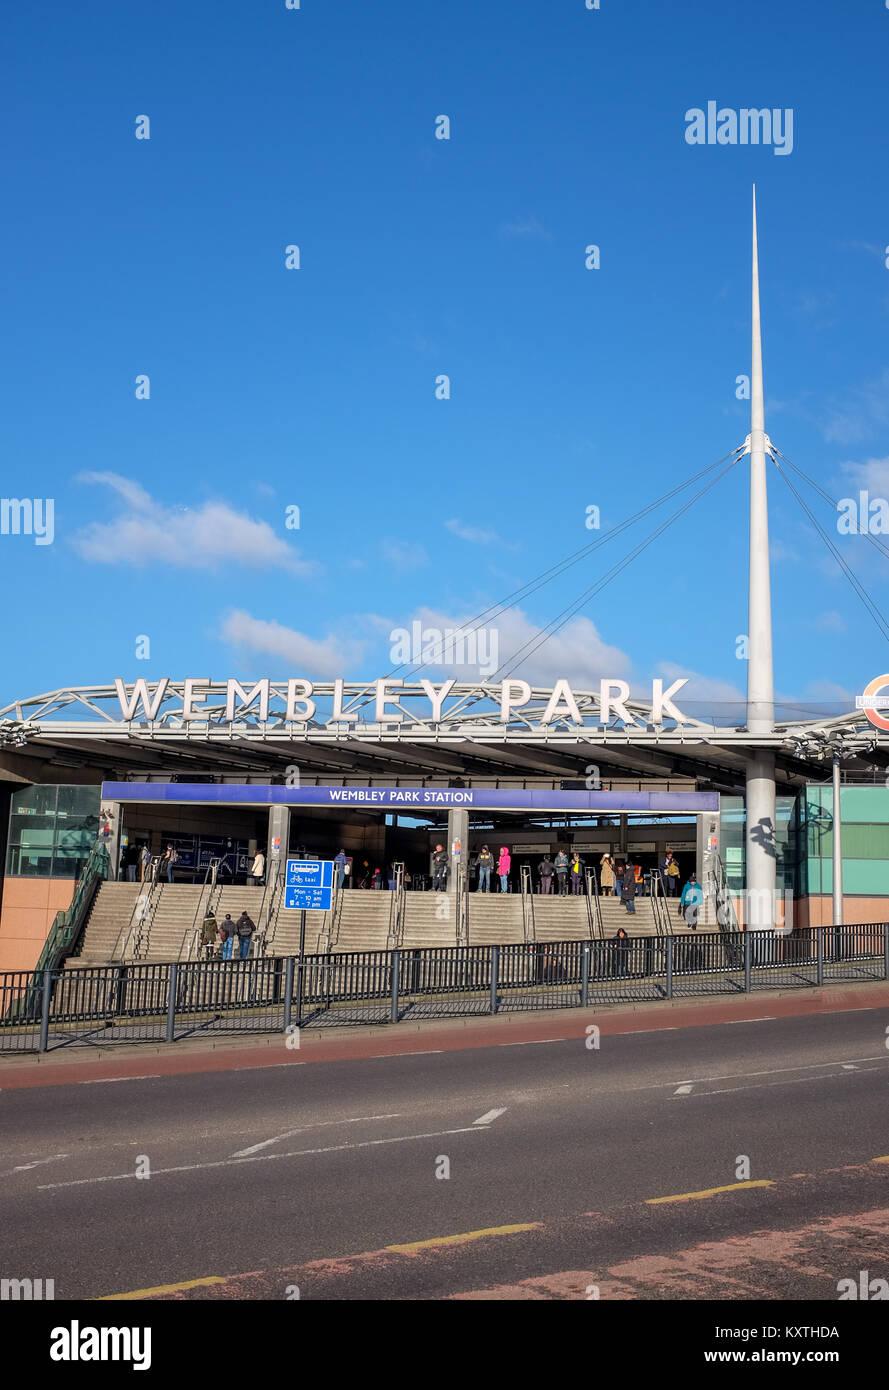 Wembley Park Underground Railway Station in London UK - Stock Image